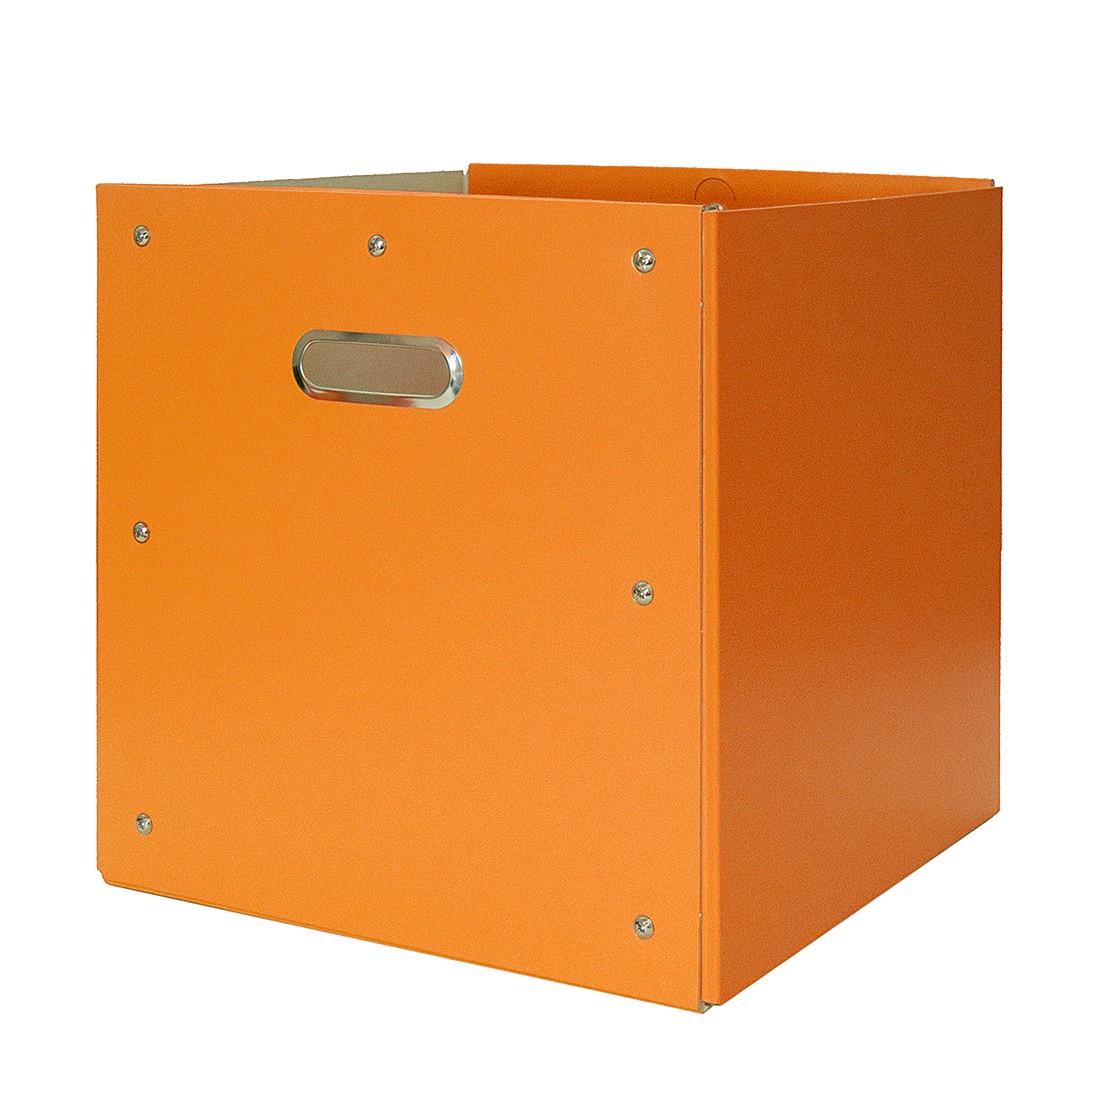 Regalbox Box – Orange, Tenzo bestellen